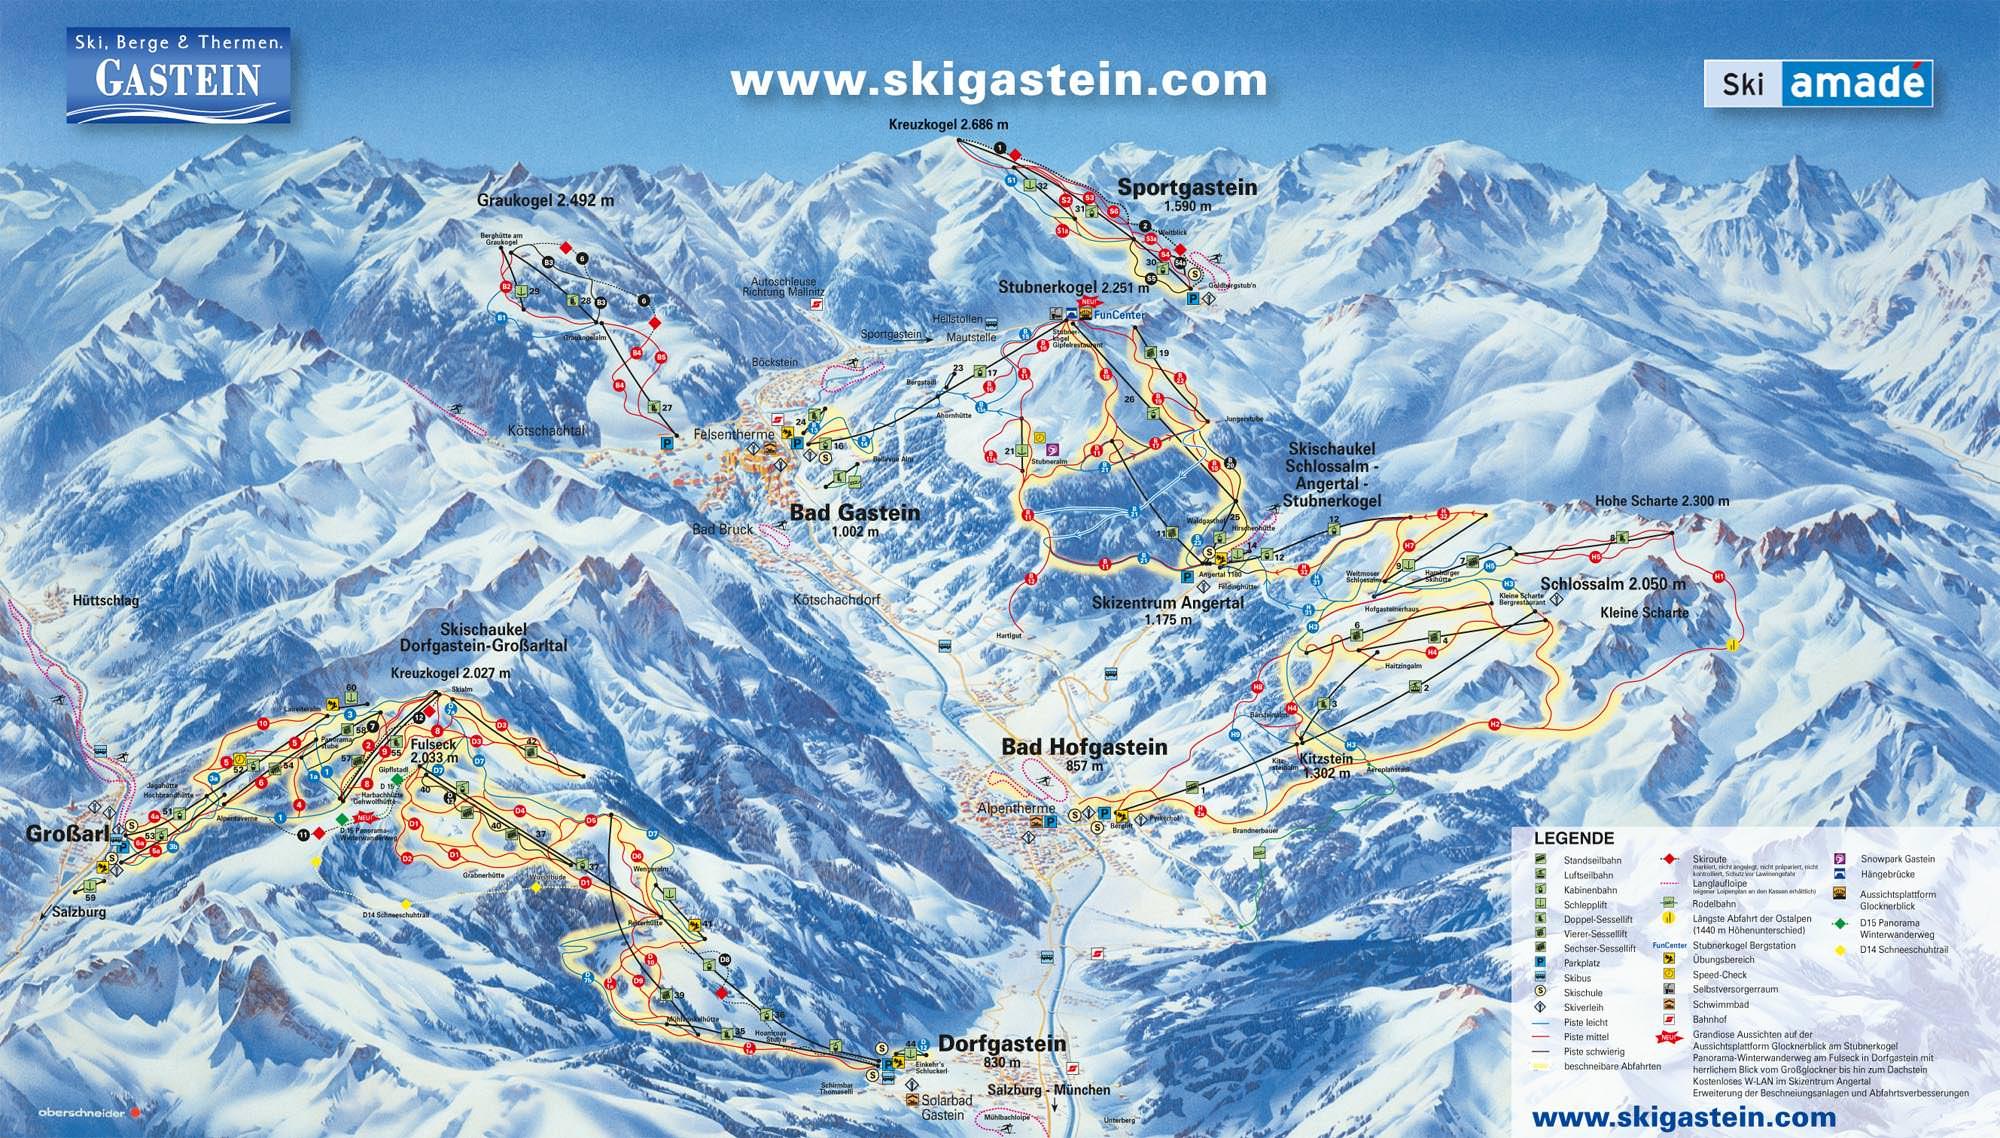 Pistenplan - Bad Gastein - Graukogel